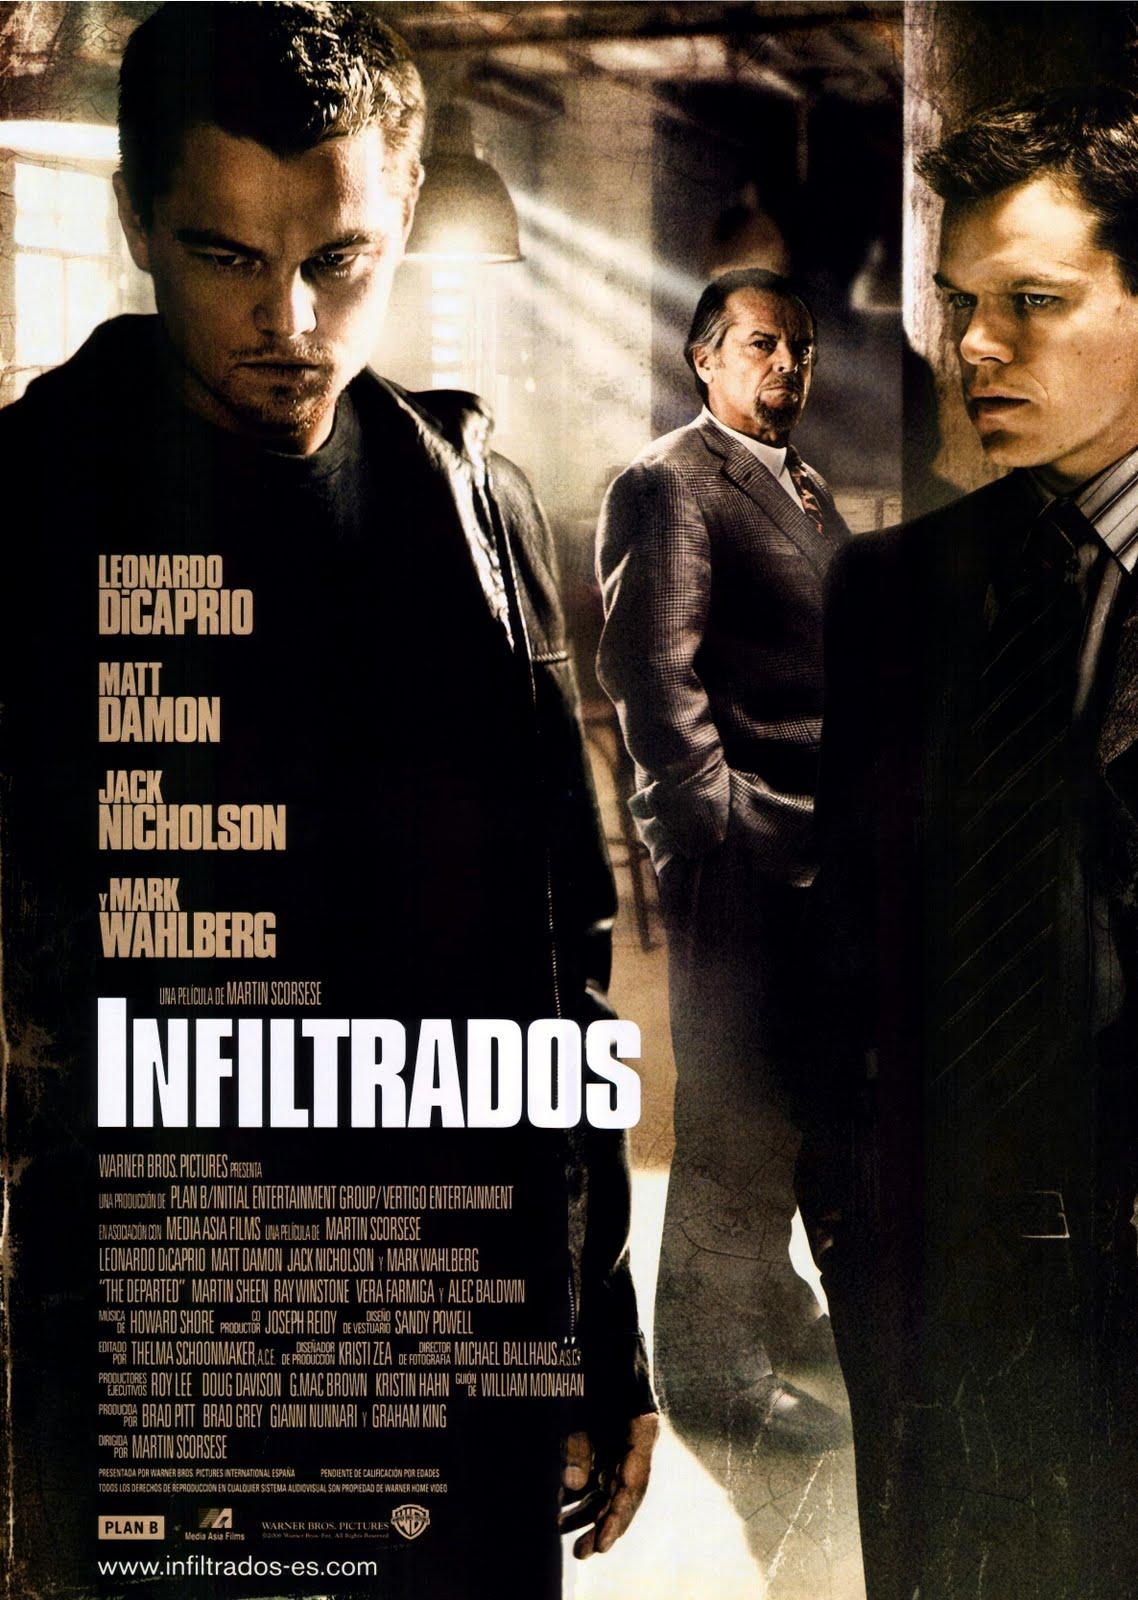 http://4.bp.blogspot.com/-2rW5TIy3hTo/Ts5oqZ1eciI/AAAAAAAABDY/ruvtBeotQI8/s1600/Infiltrados_-_The_Departed_-_tt0407887_-_es.jpg